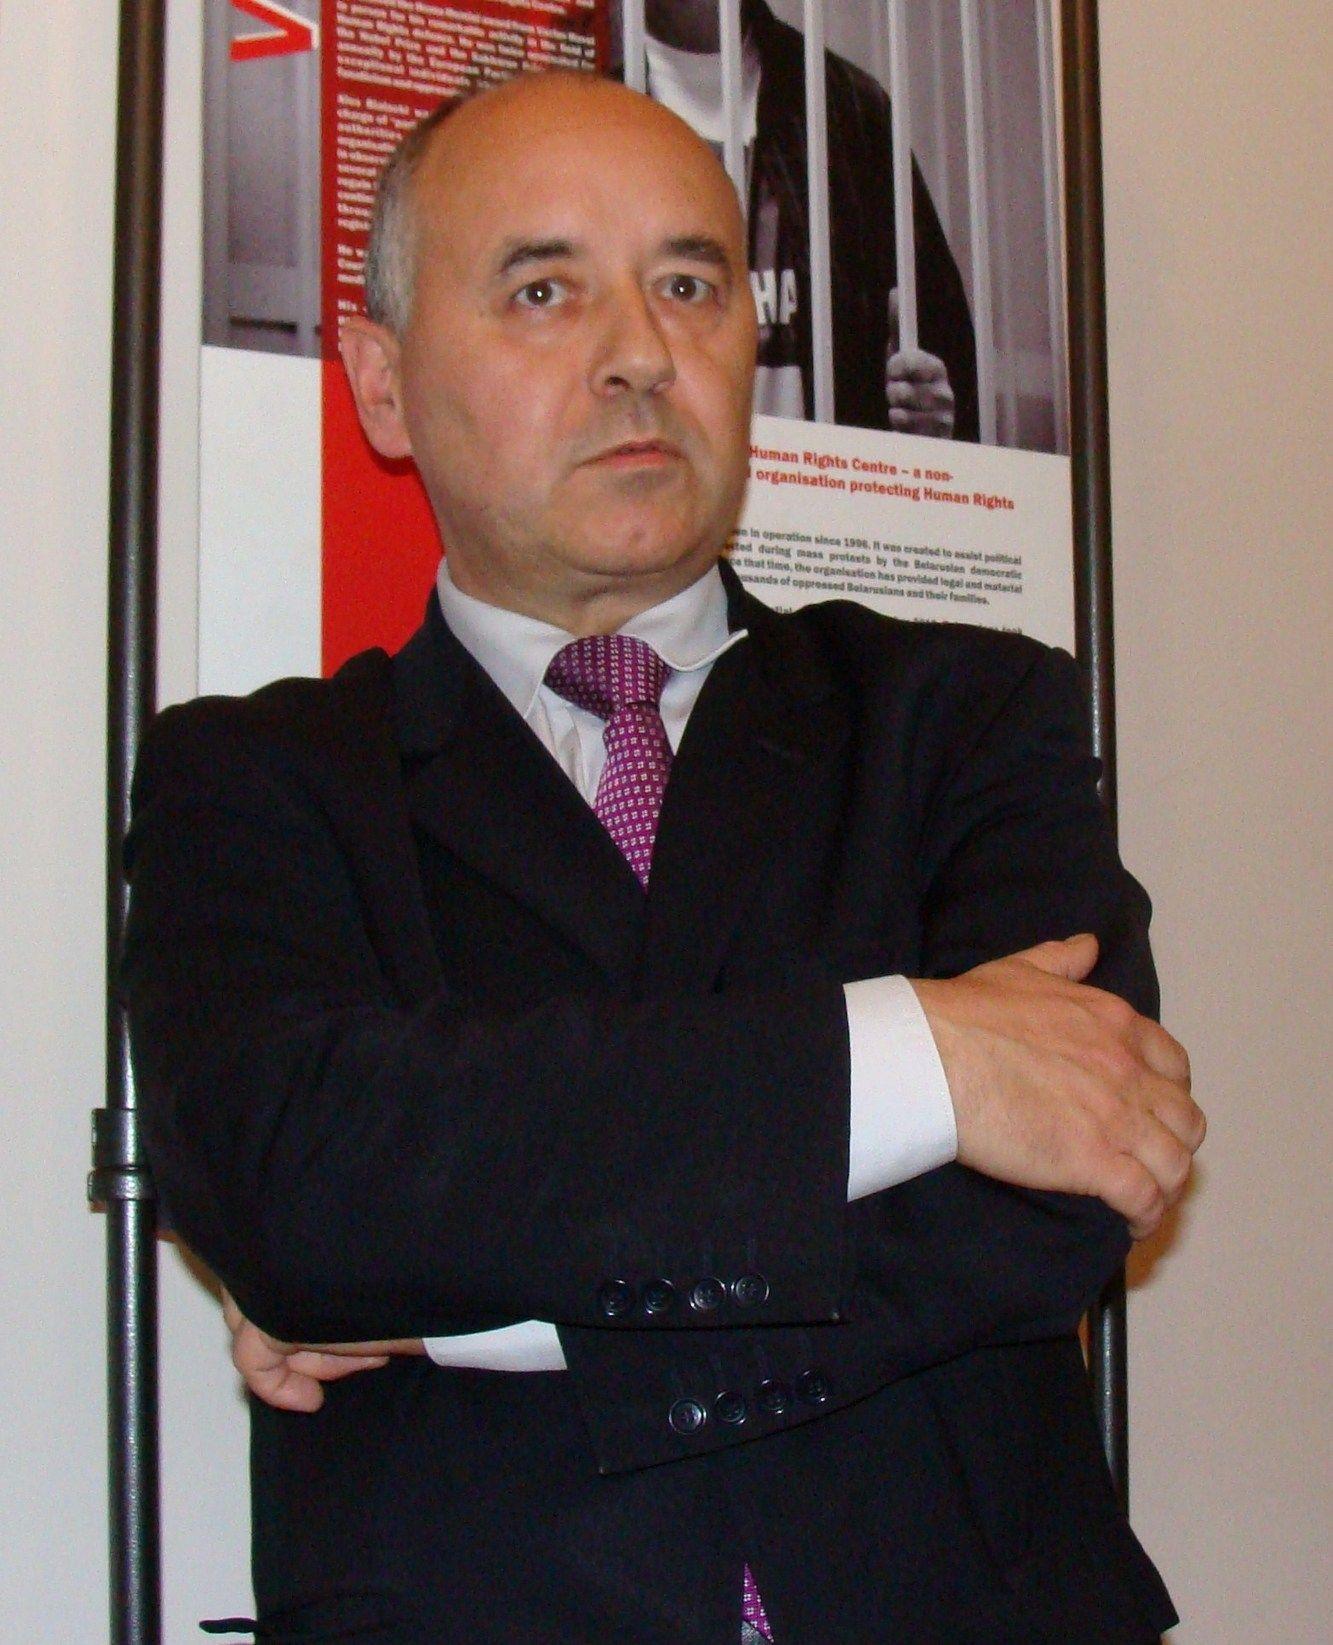 Mariusz Maszkiewicz. Człowiek, który potrafi założyć konsulat nawet w maleńkim składziku na szczotki (fot. Bladyniec, lic. CC BY-SA 3.0).